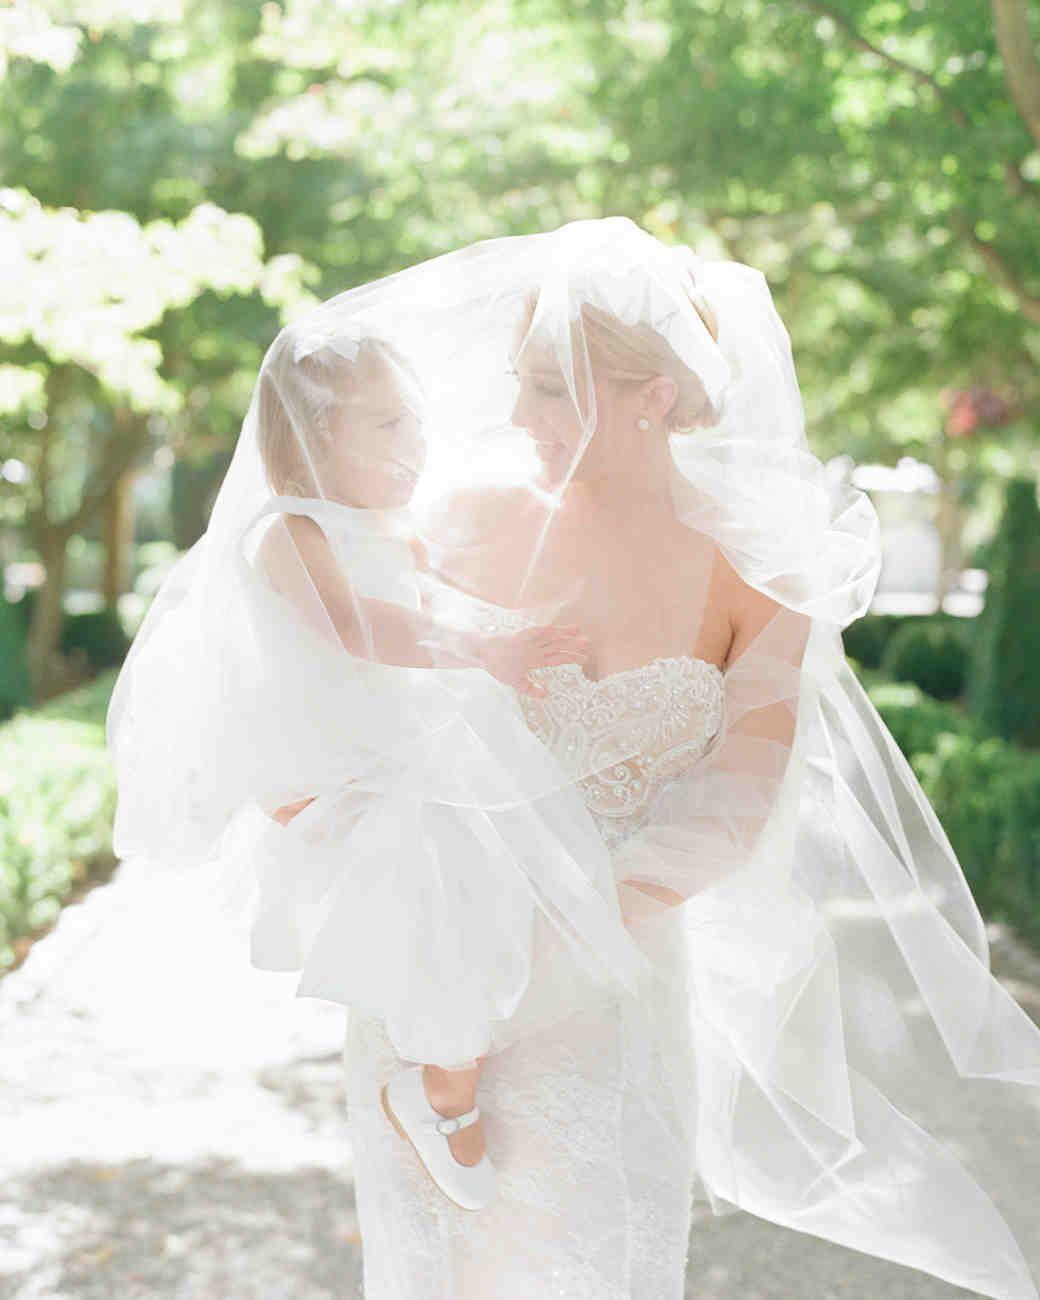 dia-das-maes-17_35 Dia das Mães - Amor e Emoção, uma homenagem singela